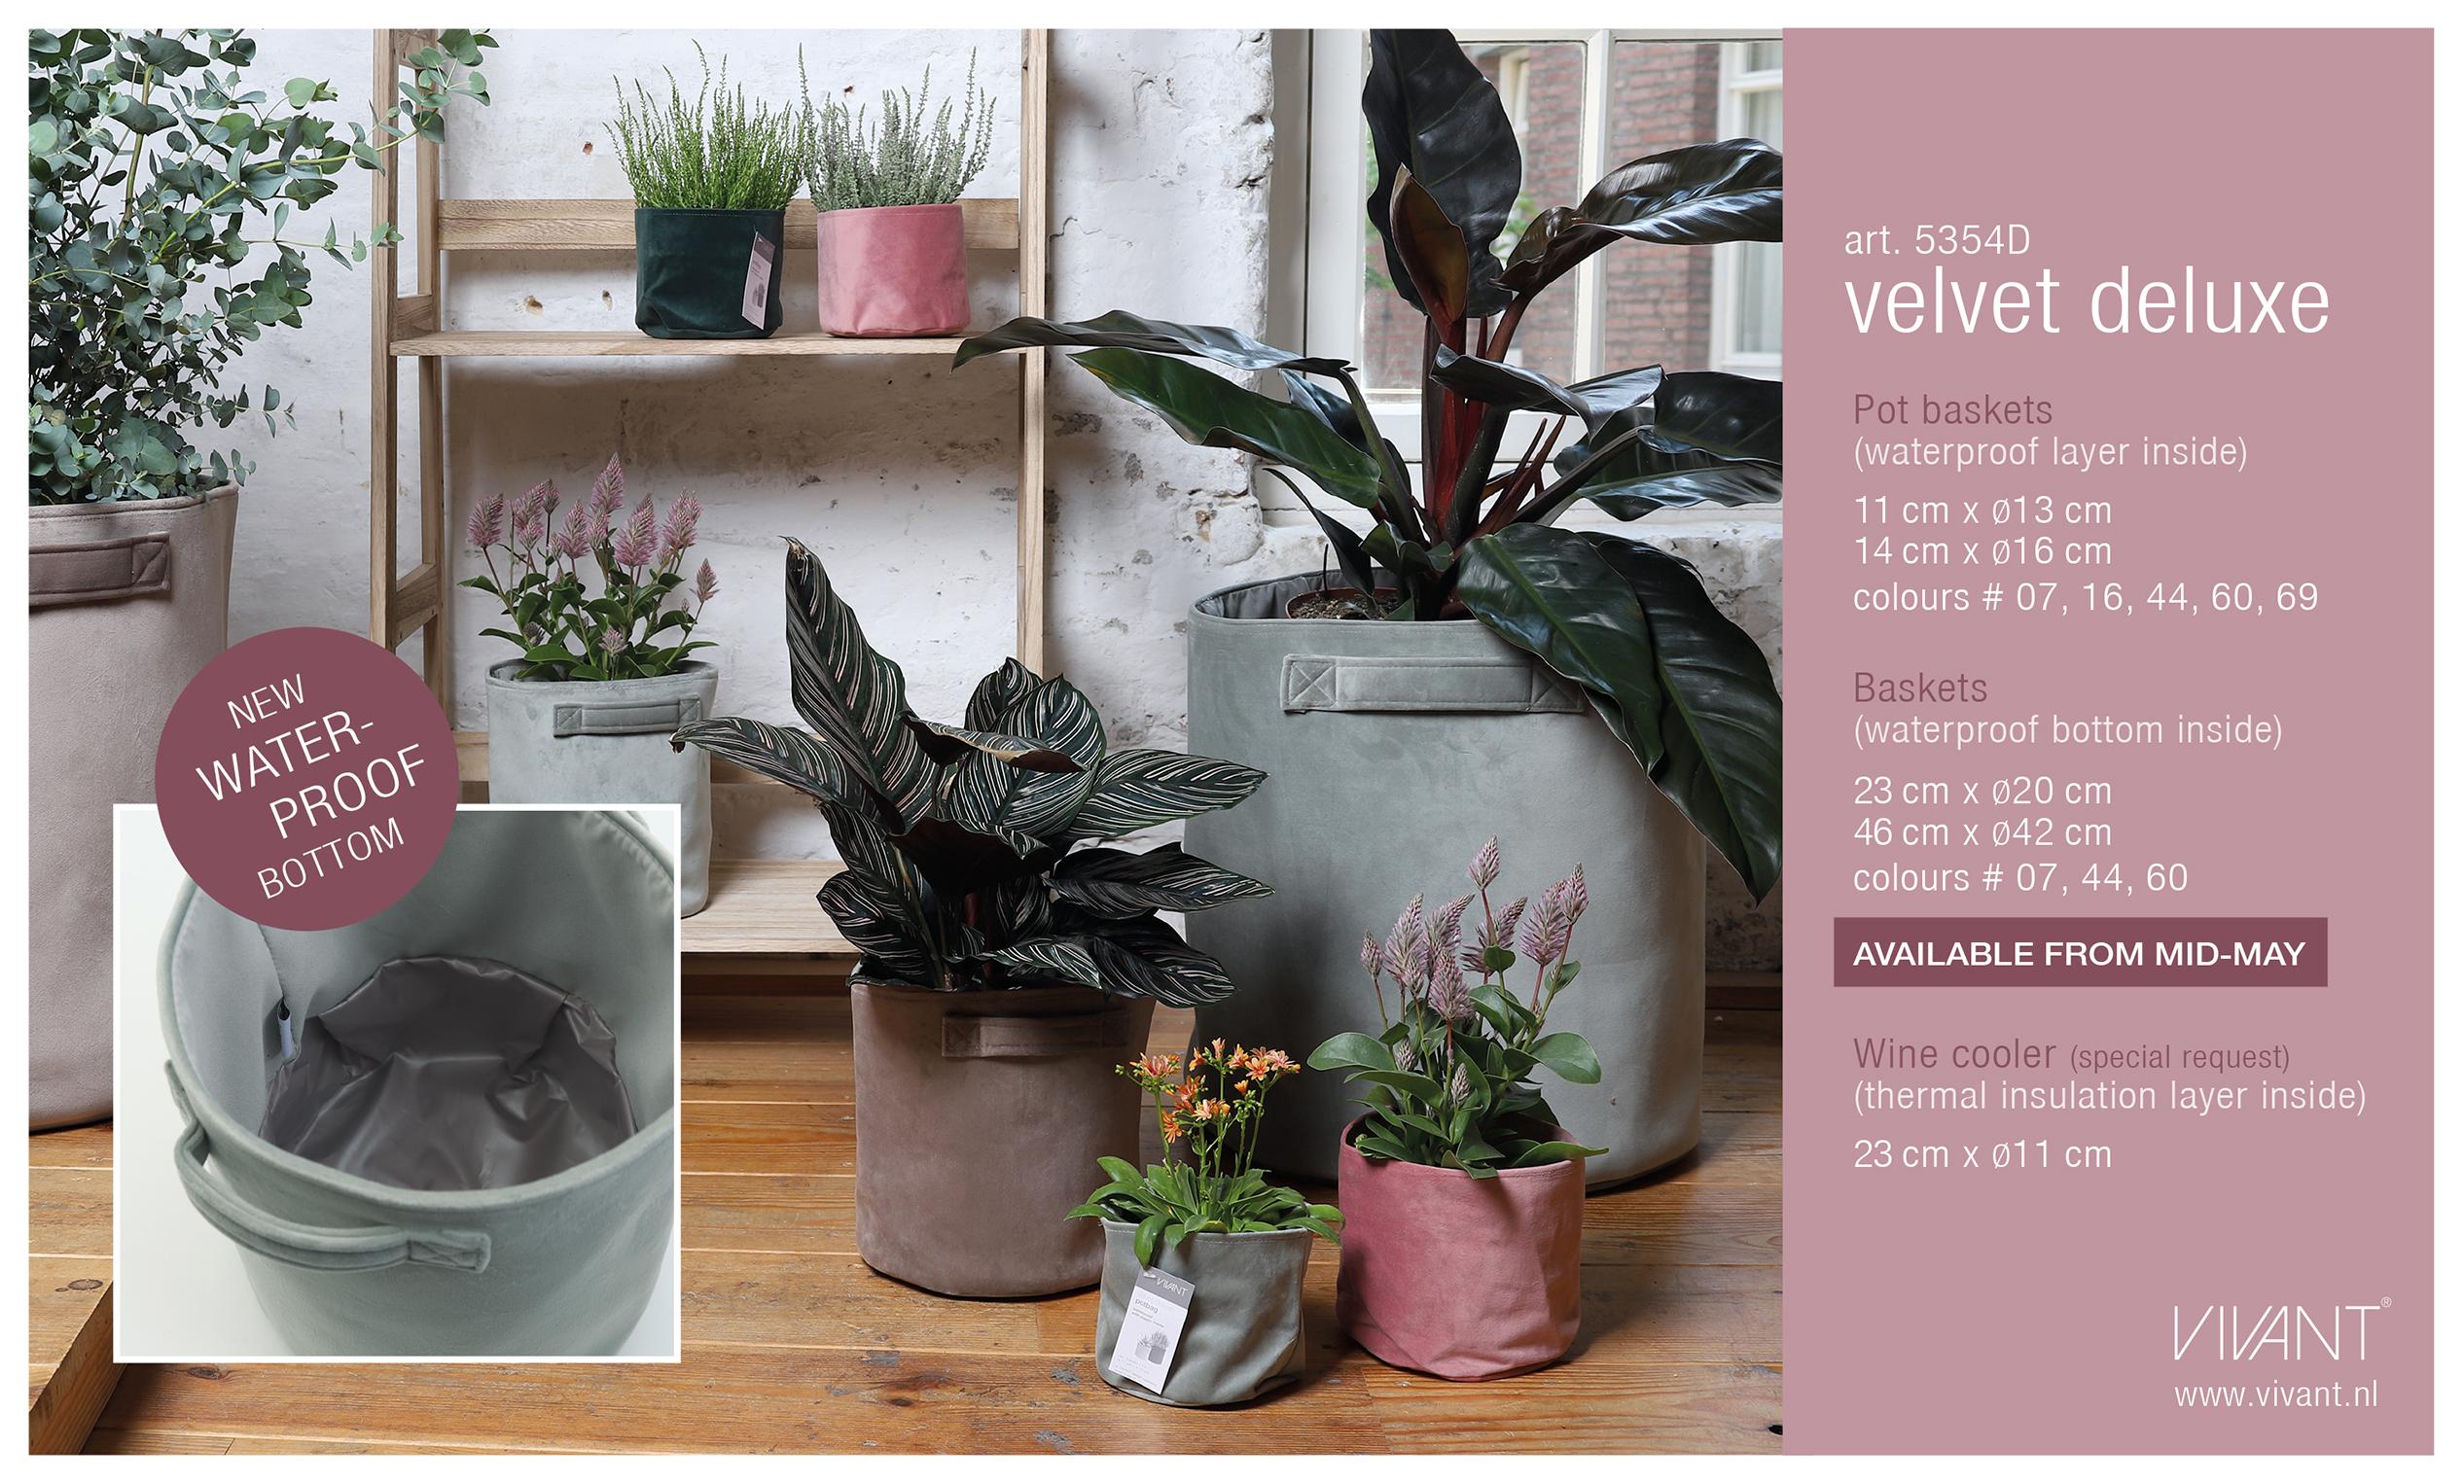 Velvet baskets nu ook met waterproof bodem voor planten (evenals de velvet delexe pot baskets).